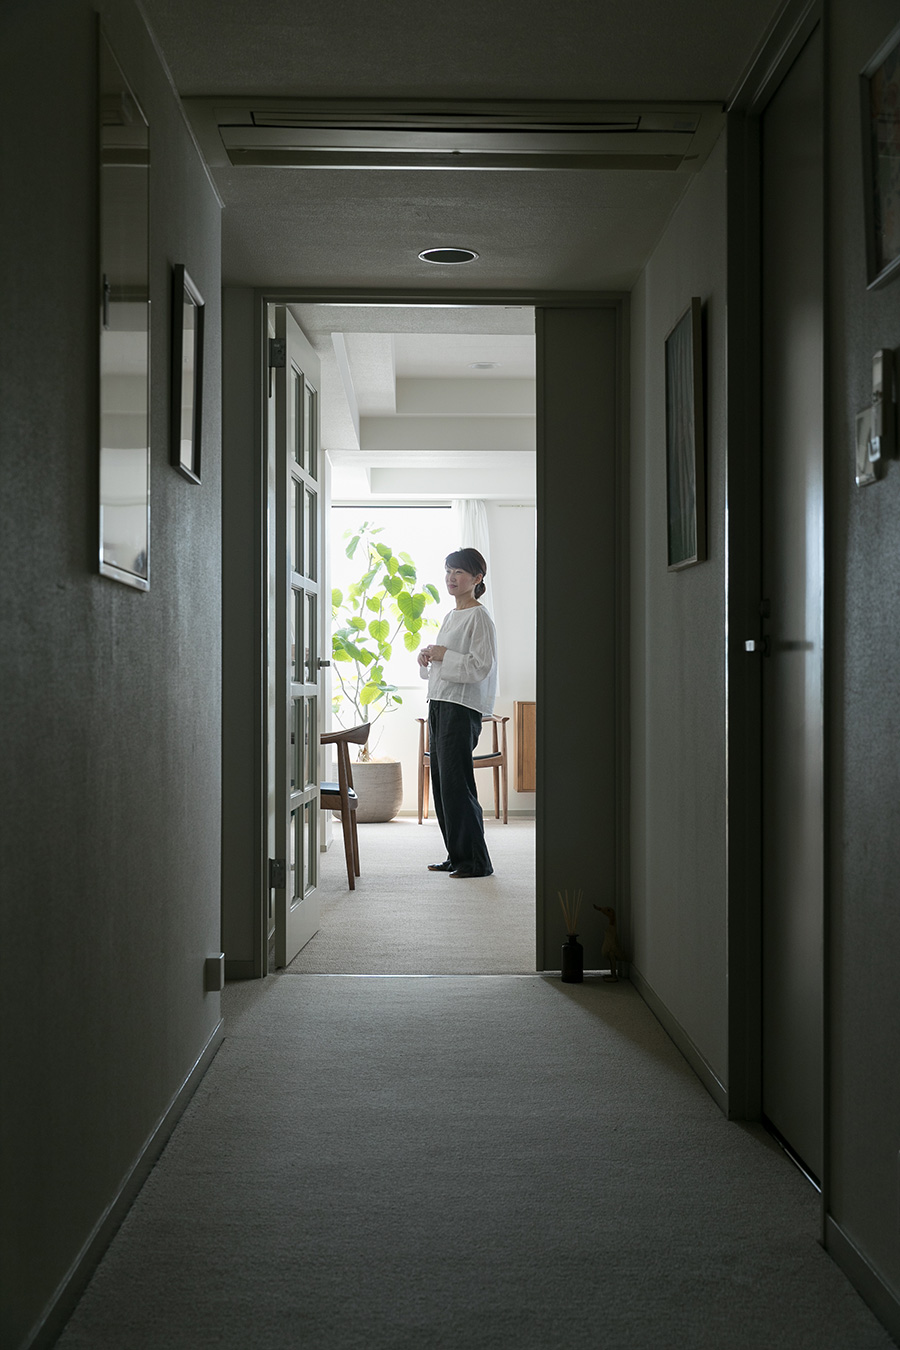 廊下は大人が悠々とすれ違えるくらいのゆったり幅。